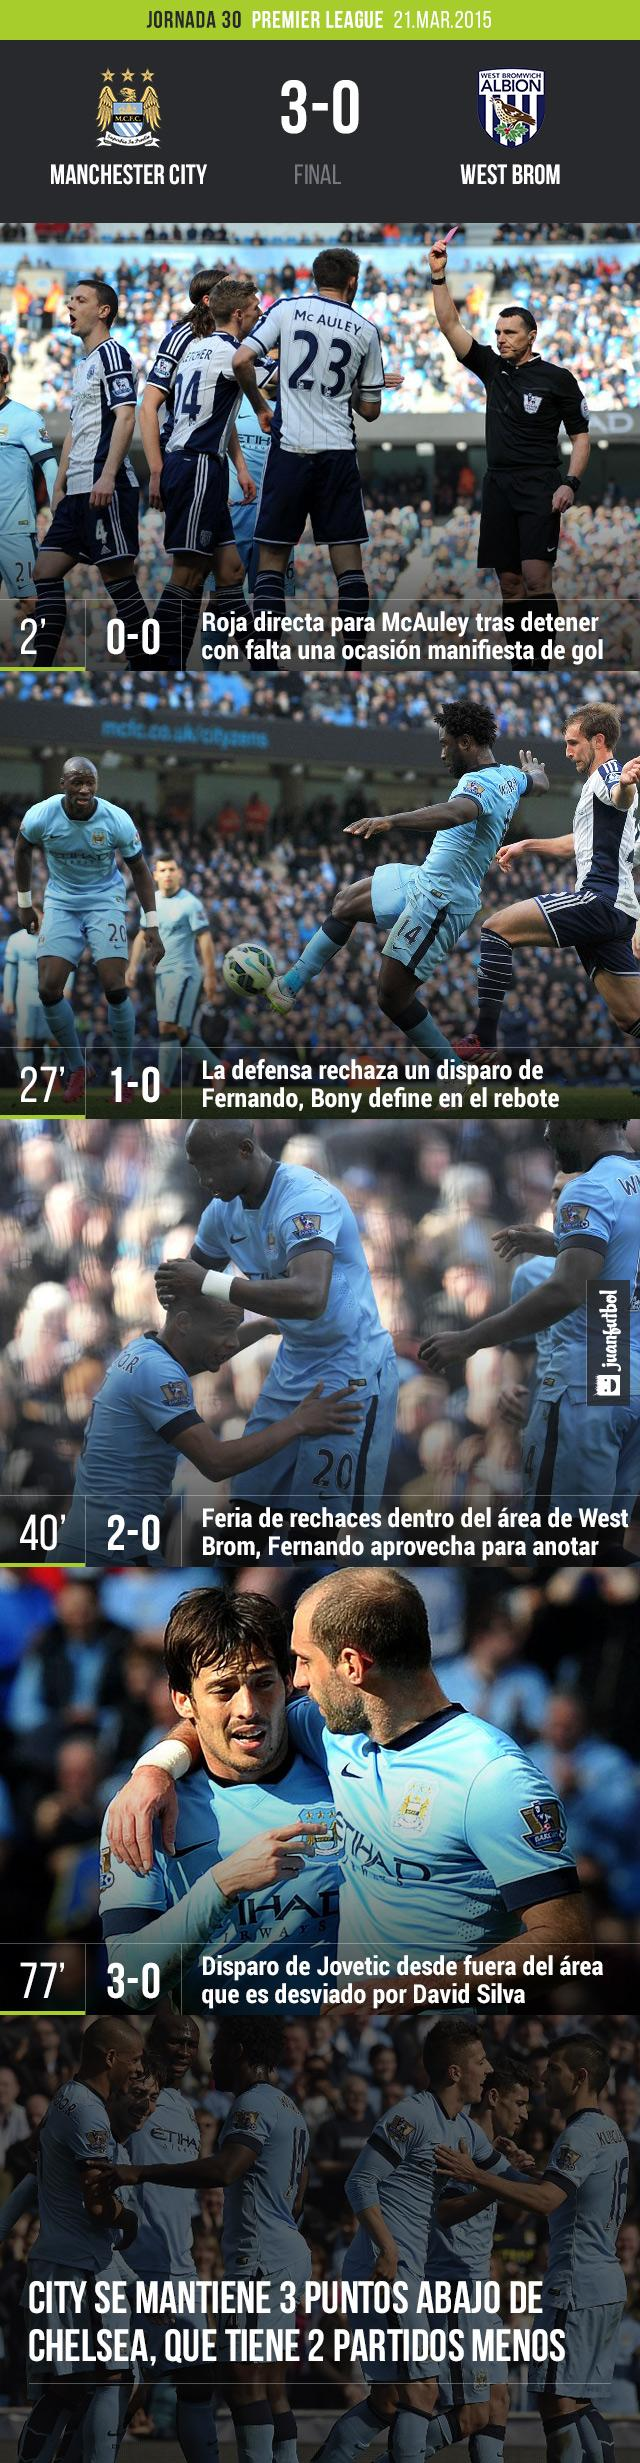 Manchester City derrotó 3-0 a West Brom con goles de Bony, Fernando y David Silva